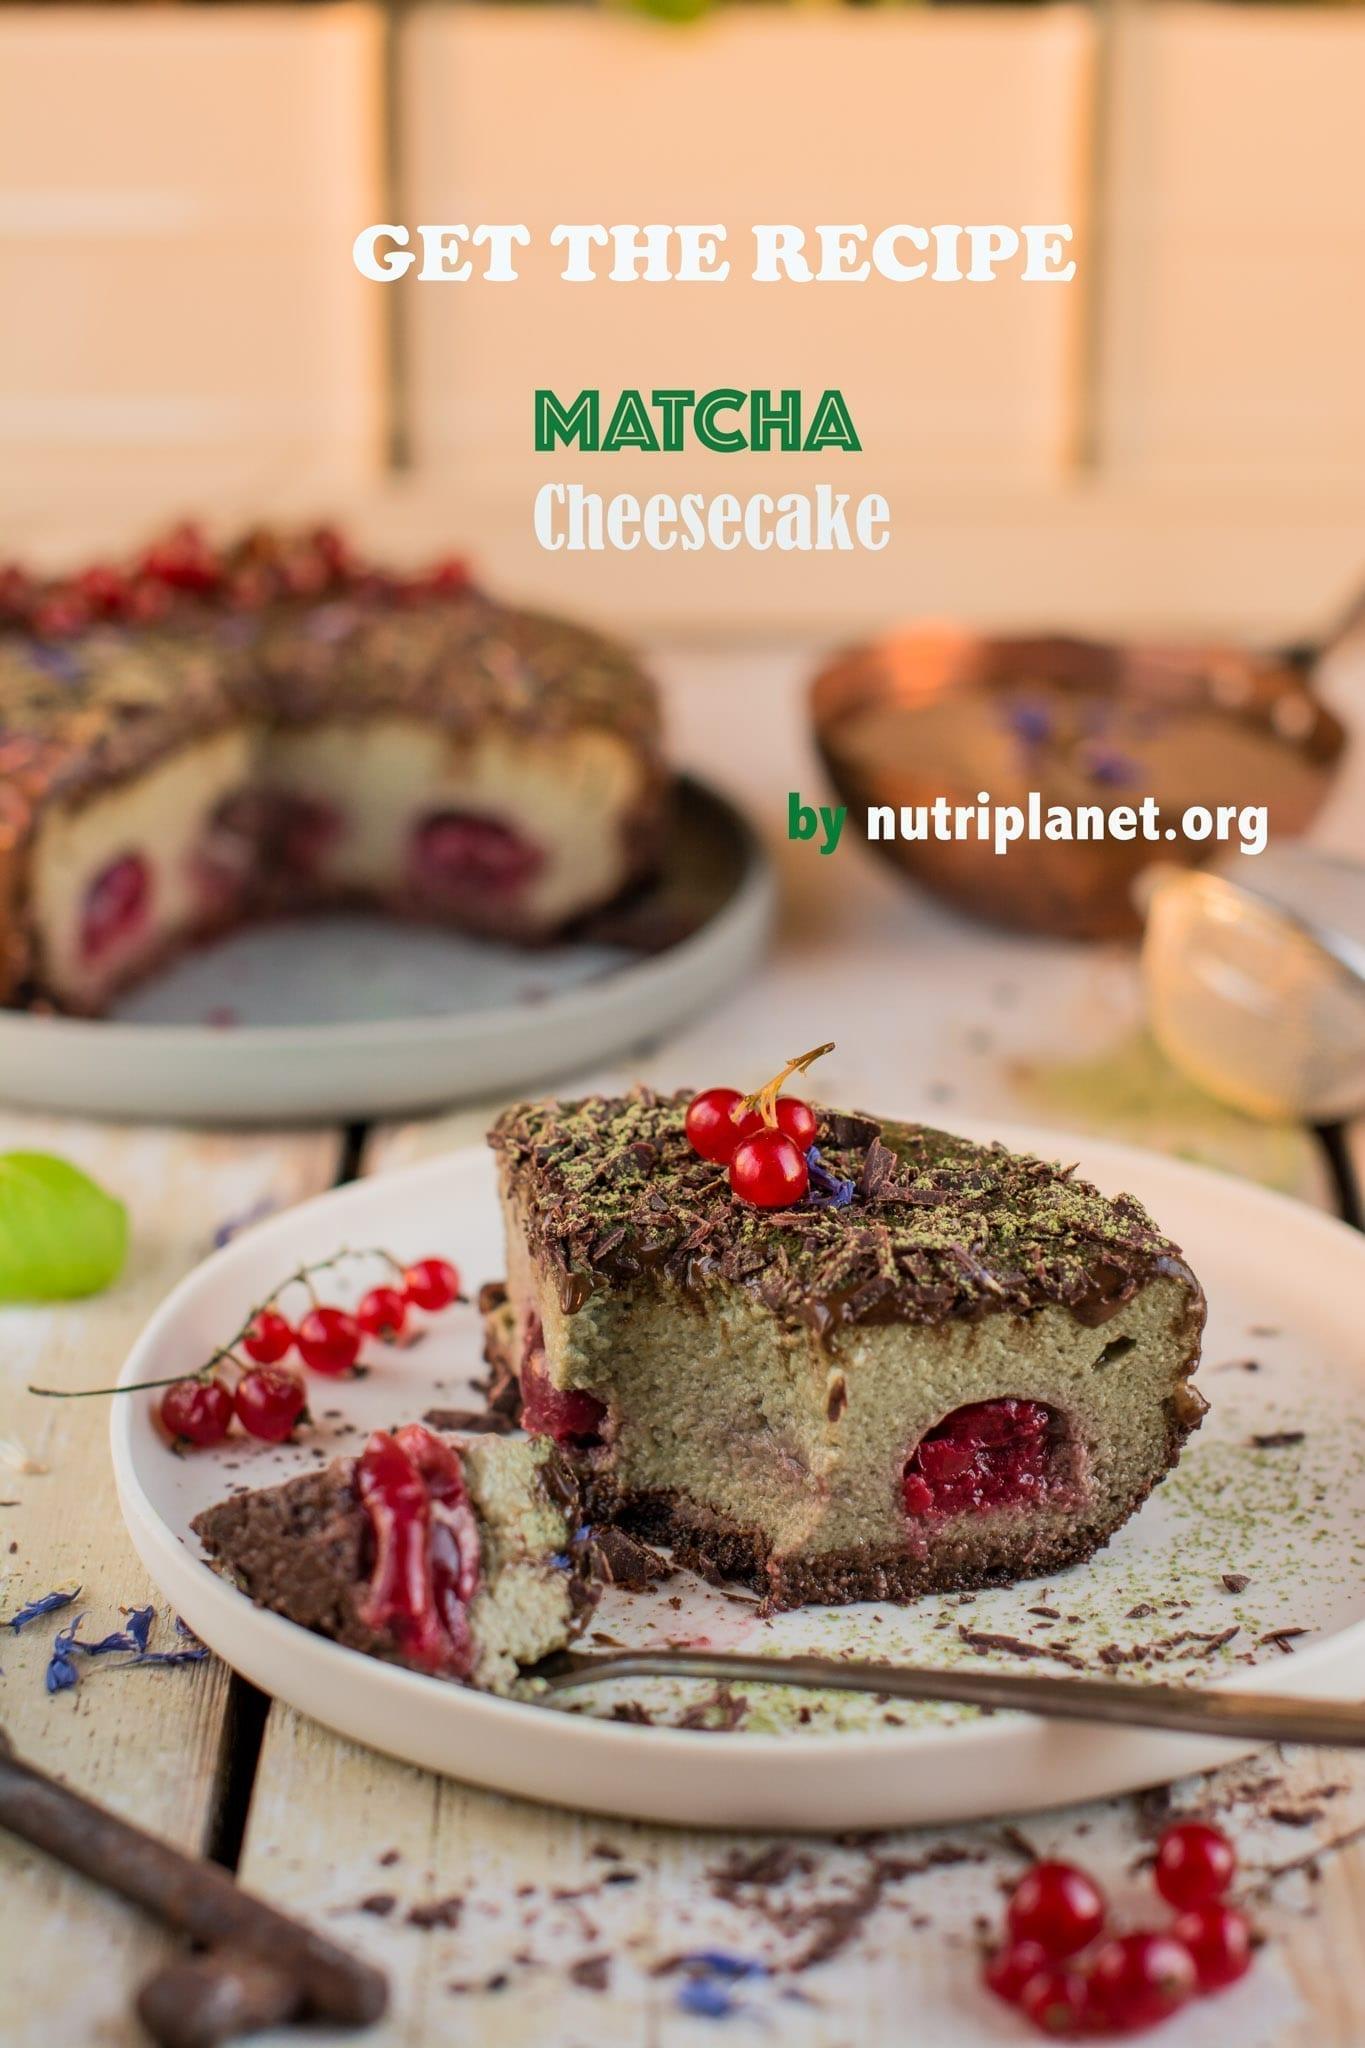 Vegan Matcha Cake with Tofu and Cherries